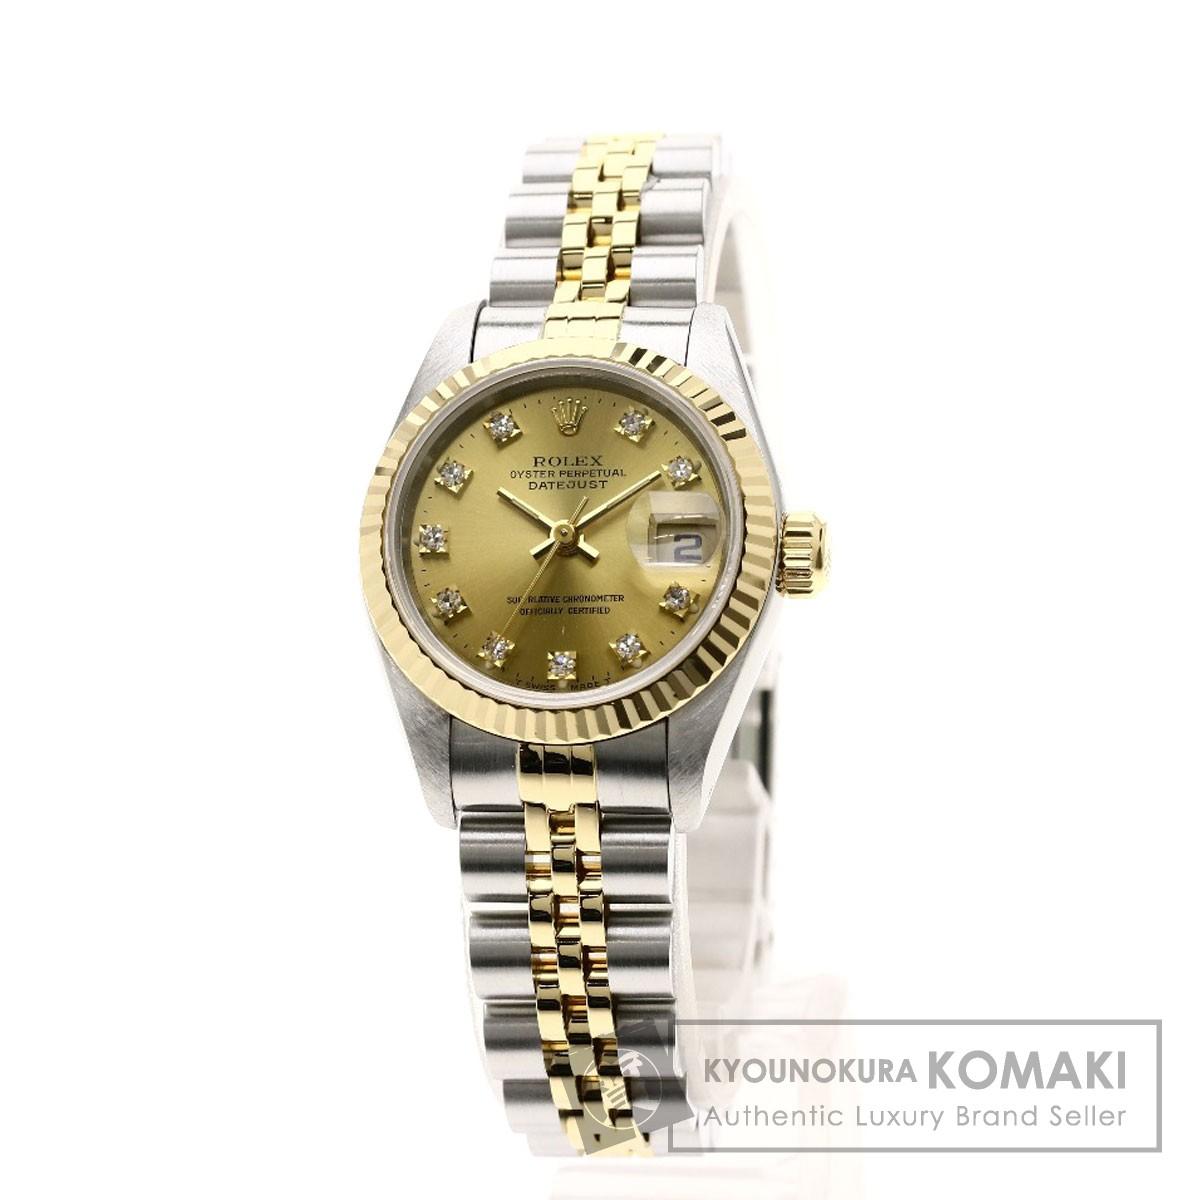 ROLEX 69173G デイトジャスト 10Pダイヤモンド 腕時計 OH済 ステンレススチール/K18YG レディース 【中古】【ロレックス】